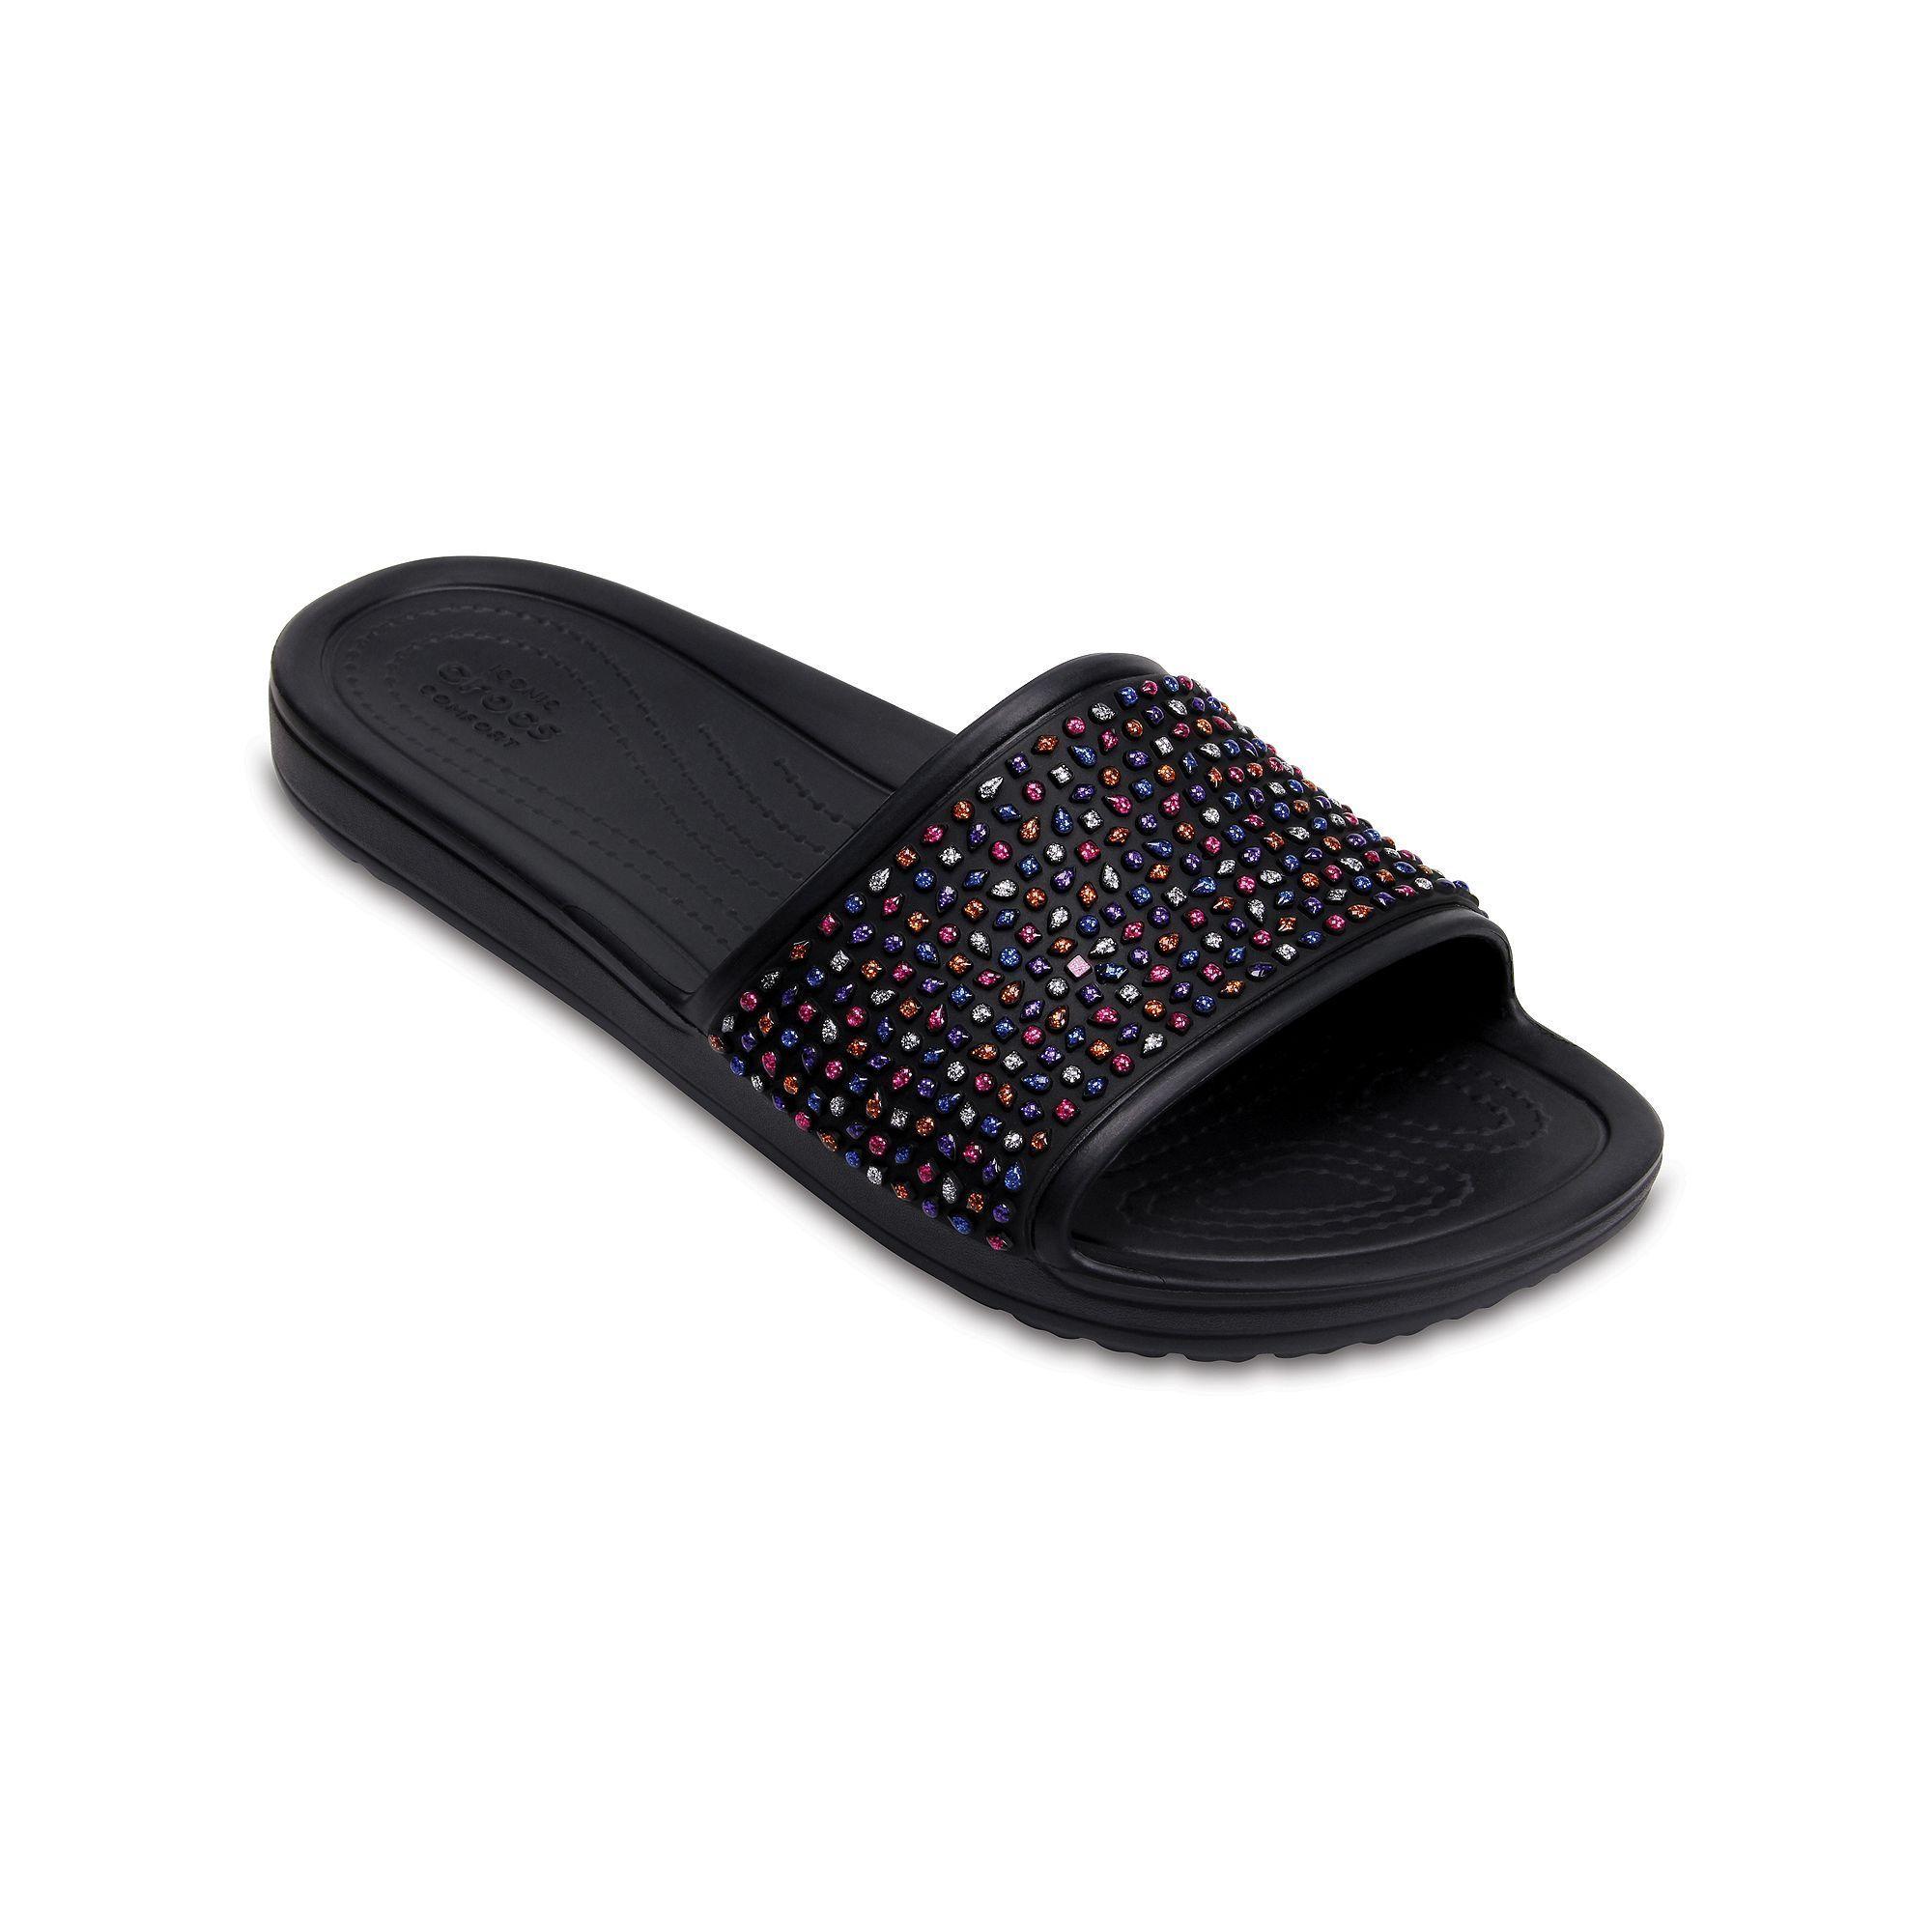 6301b37d9cdf9 Crocs Sloane Embellished Women's Slide Sandals   Products   Crocs ...